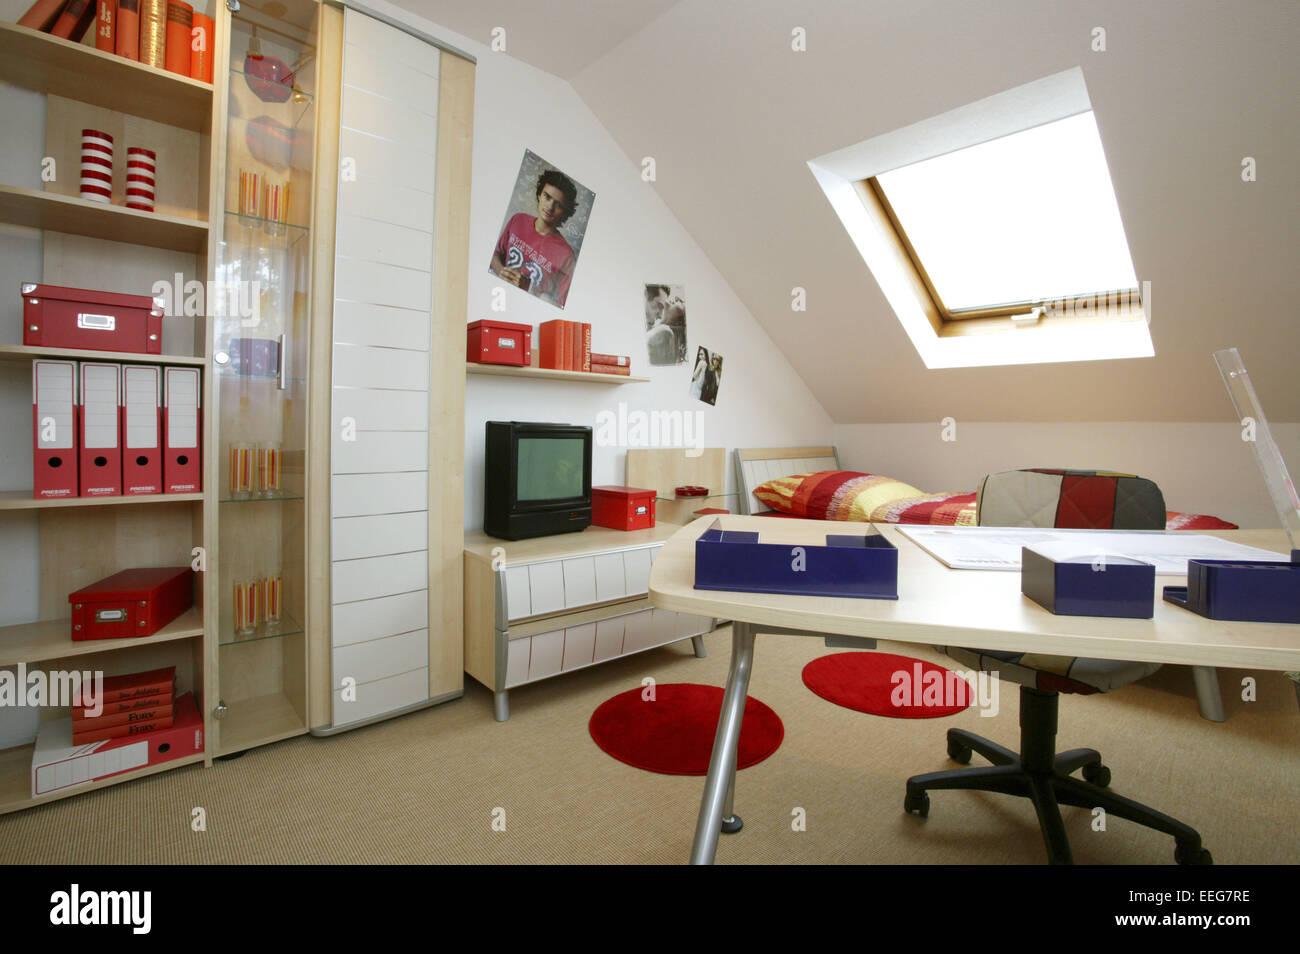 Ansprechend Einrichtung Jugendzimmer Dekoration Von Kinderzimmer Wohnen Innenaufnahme Inneneinrichtung Wohnung Wohnraum Moebel